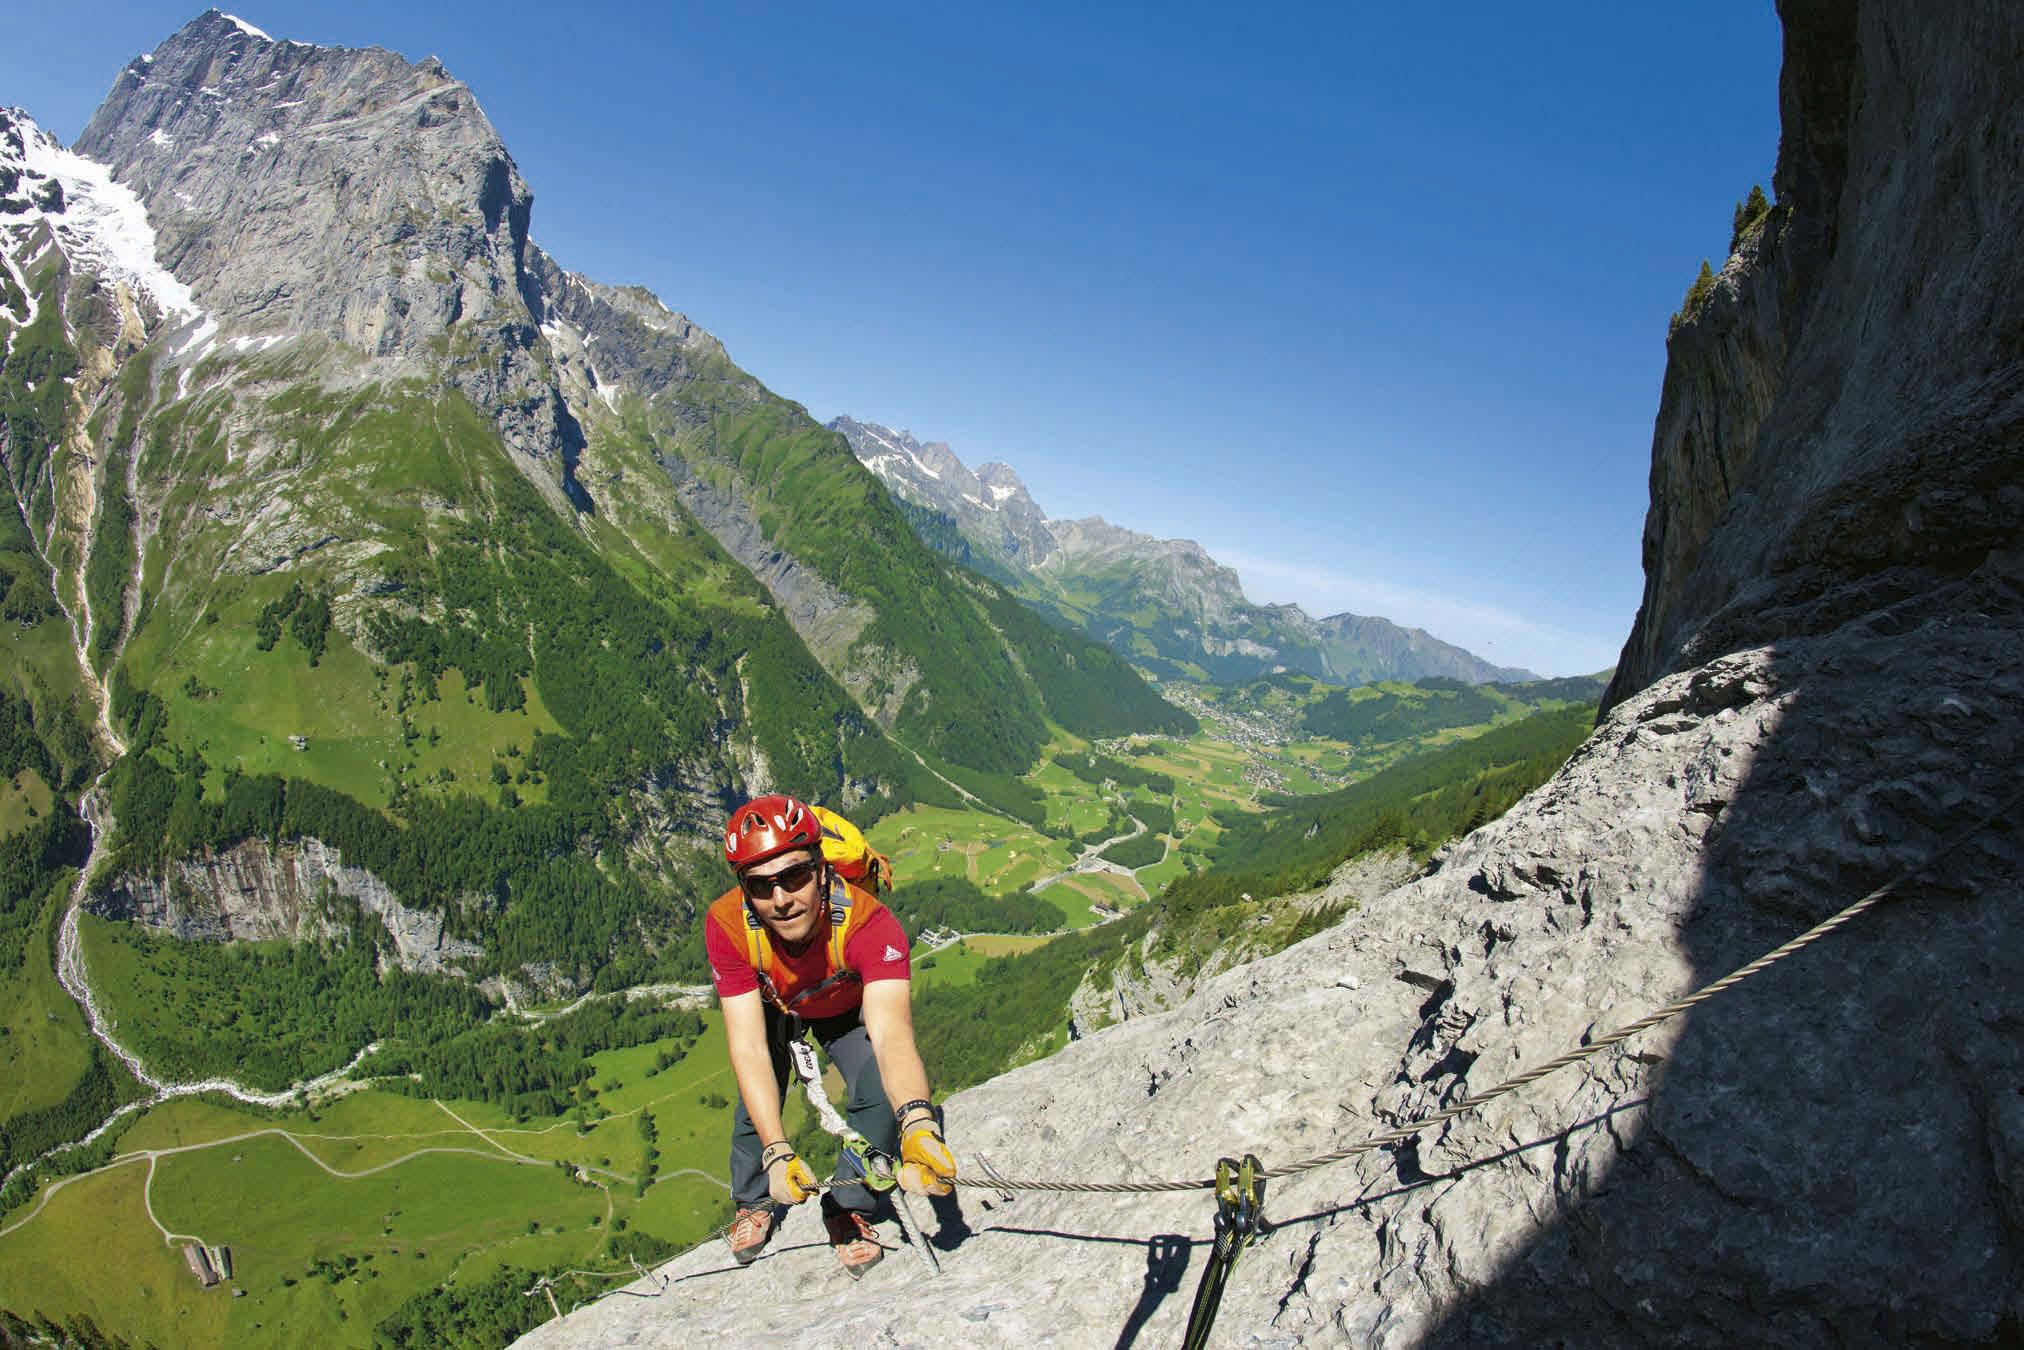 Klettersteig Engelberg : Klettersteig paradies engelberg bergsteiger magazin